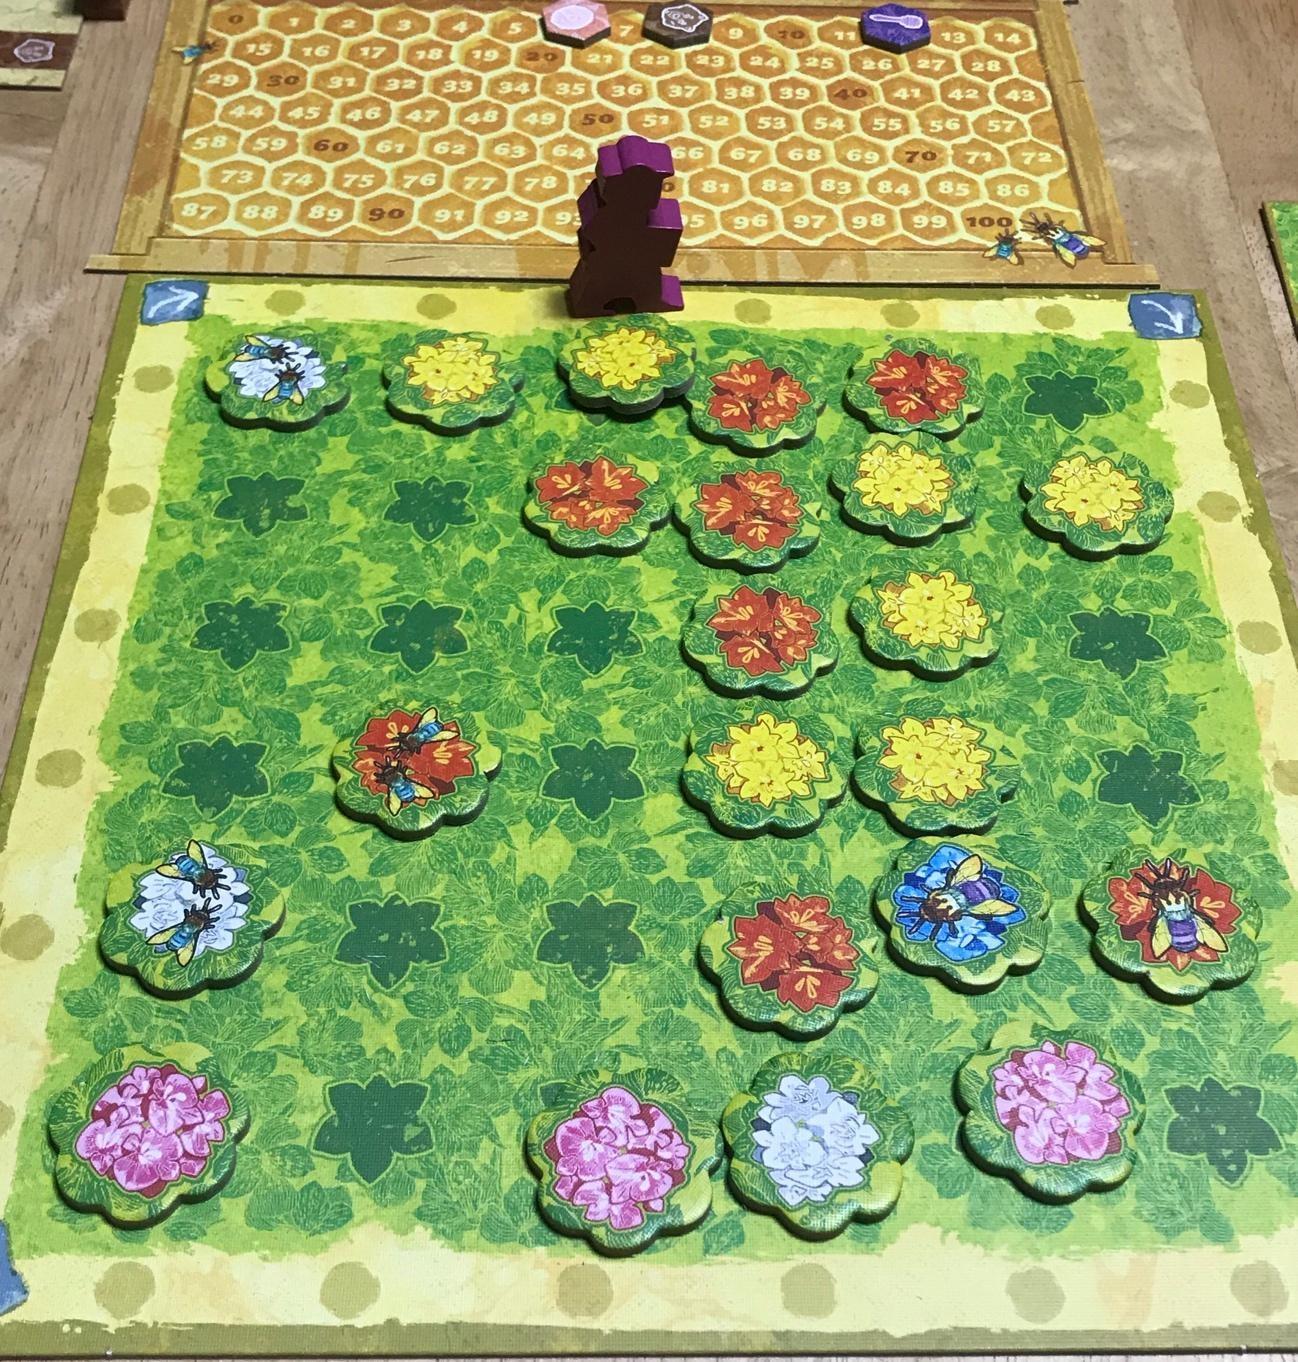 クィーンズ〜ハチなるか、ハチならざるか、それが問題だ〜 Queenz: To bee or not to bee Mandoo Games